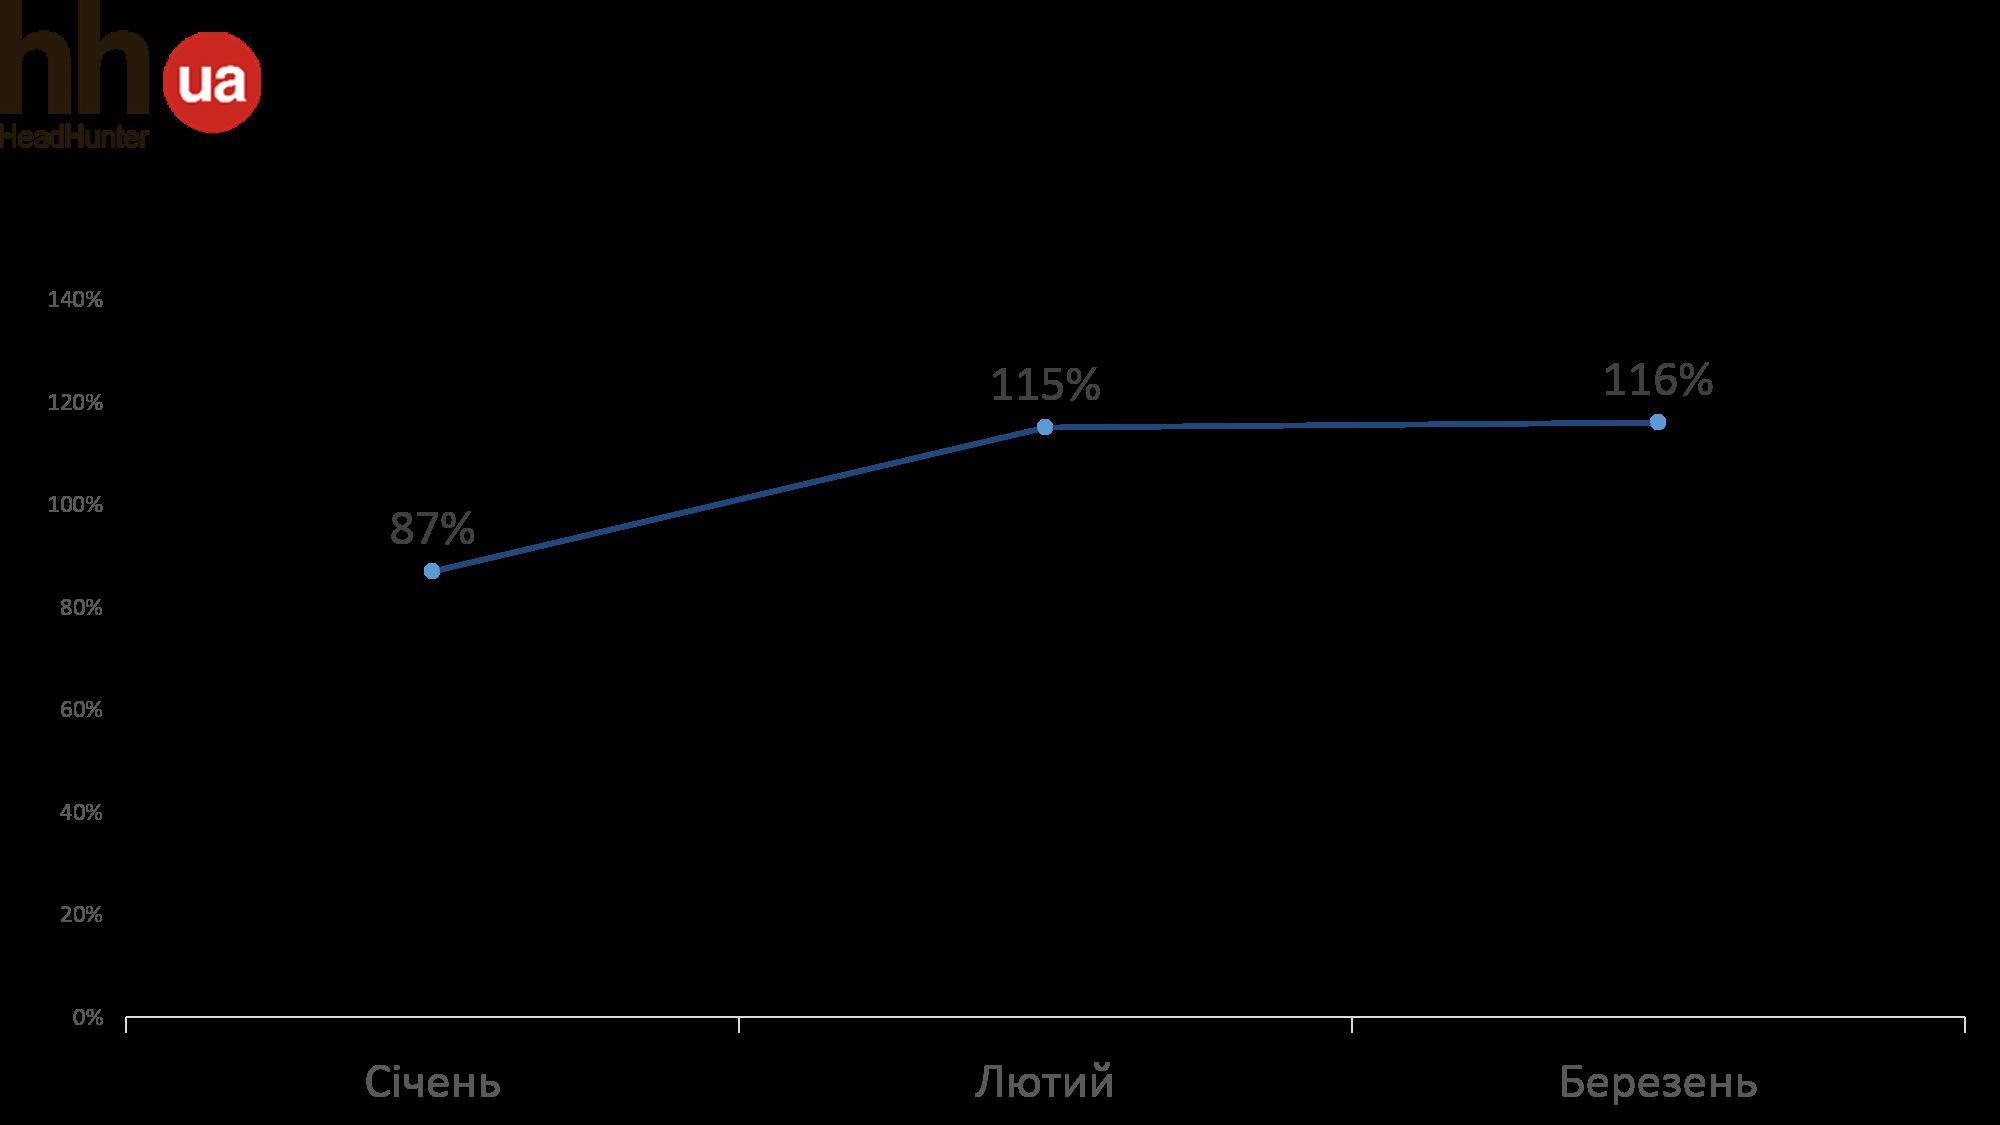 Ринок праці у I кварталі 2019 року: роботодавці взяли паузу, а пошукачі перекваліфіковуються